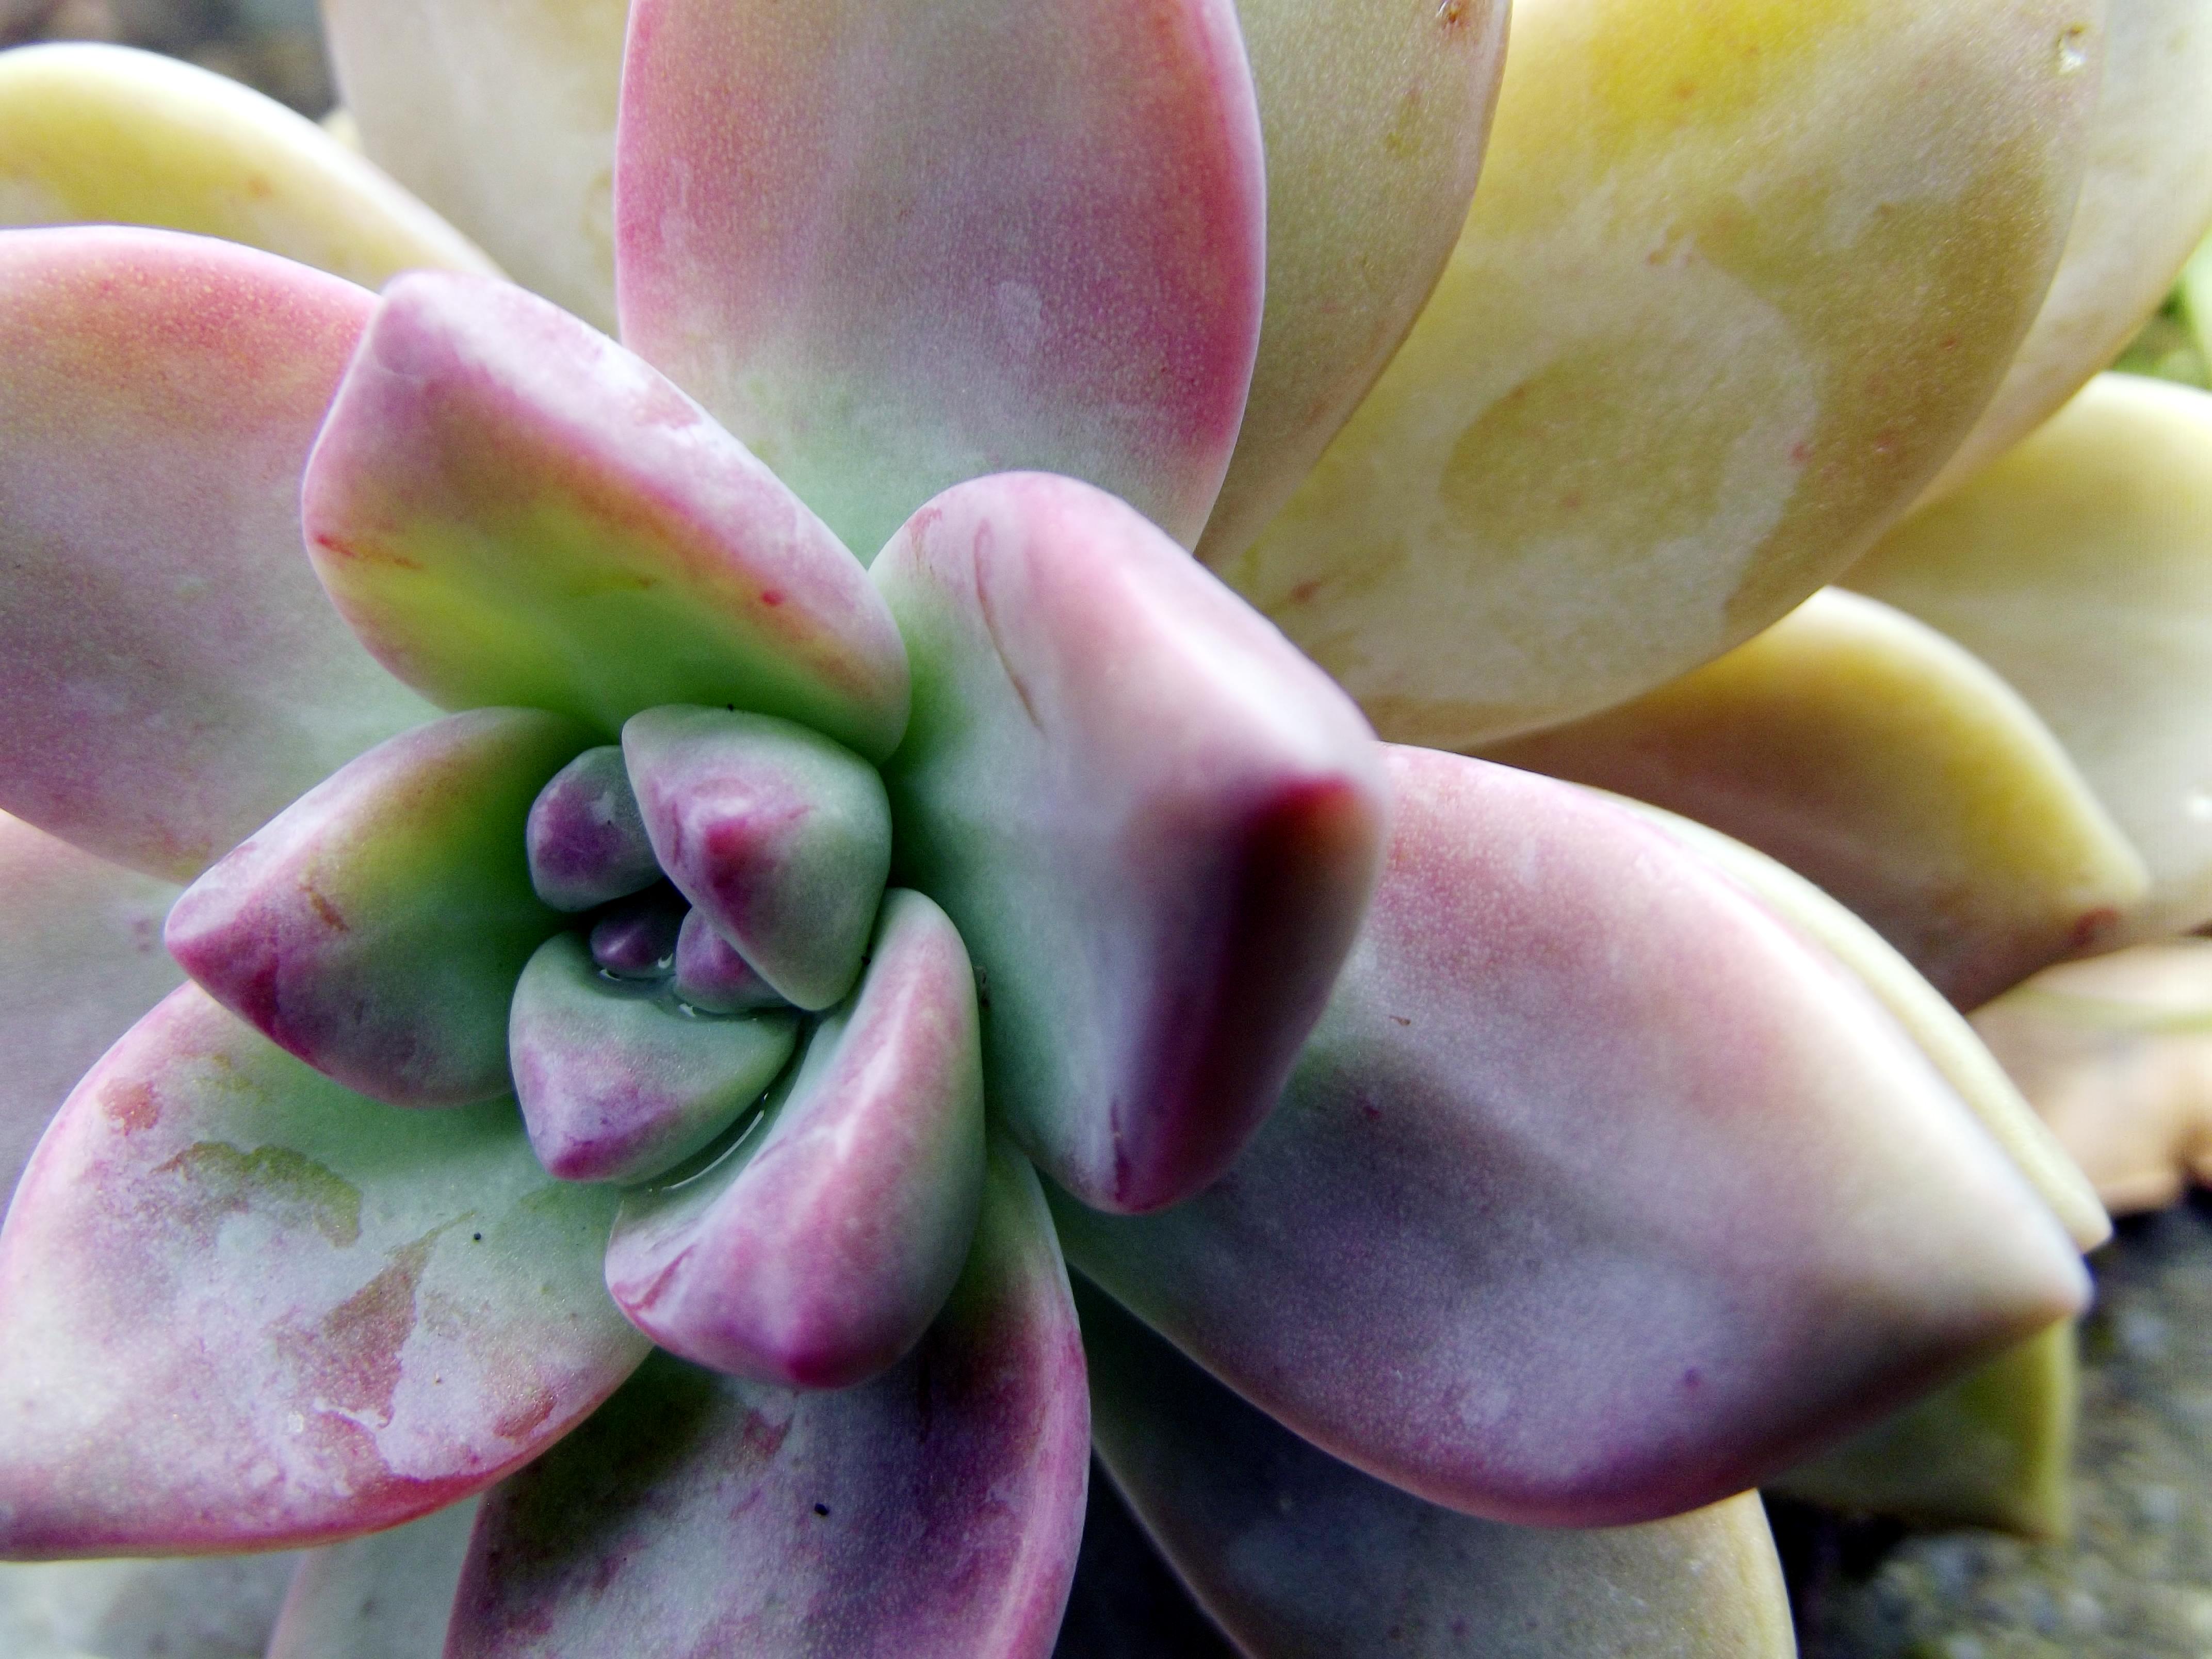 Alien Flower, Flower, Leaves, Nature, Plant, HQ Photo